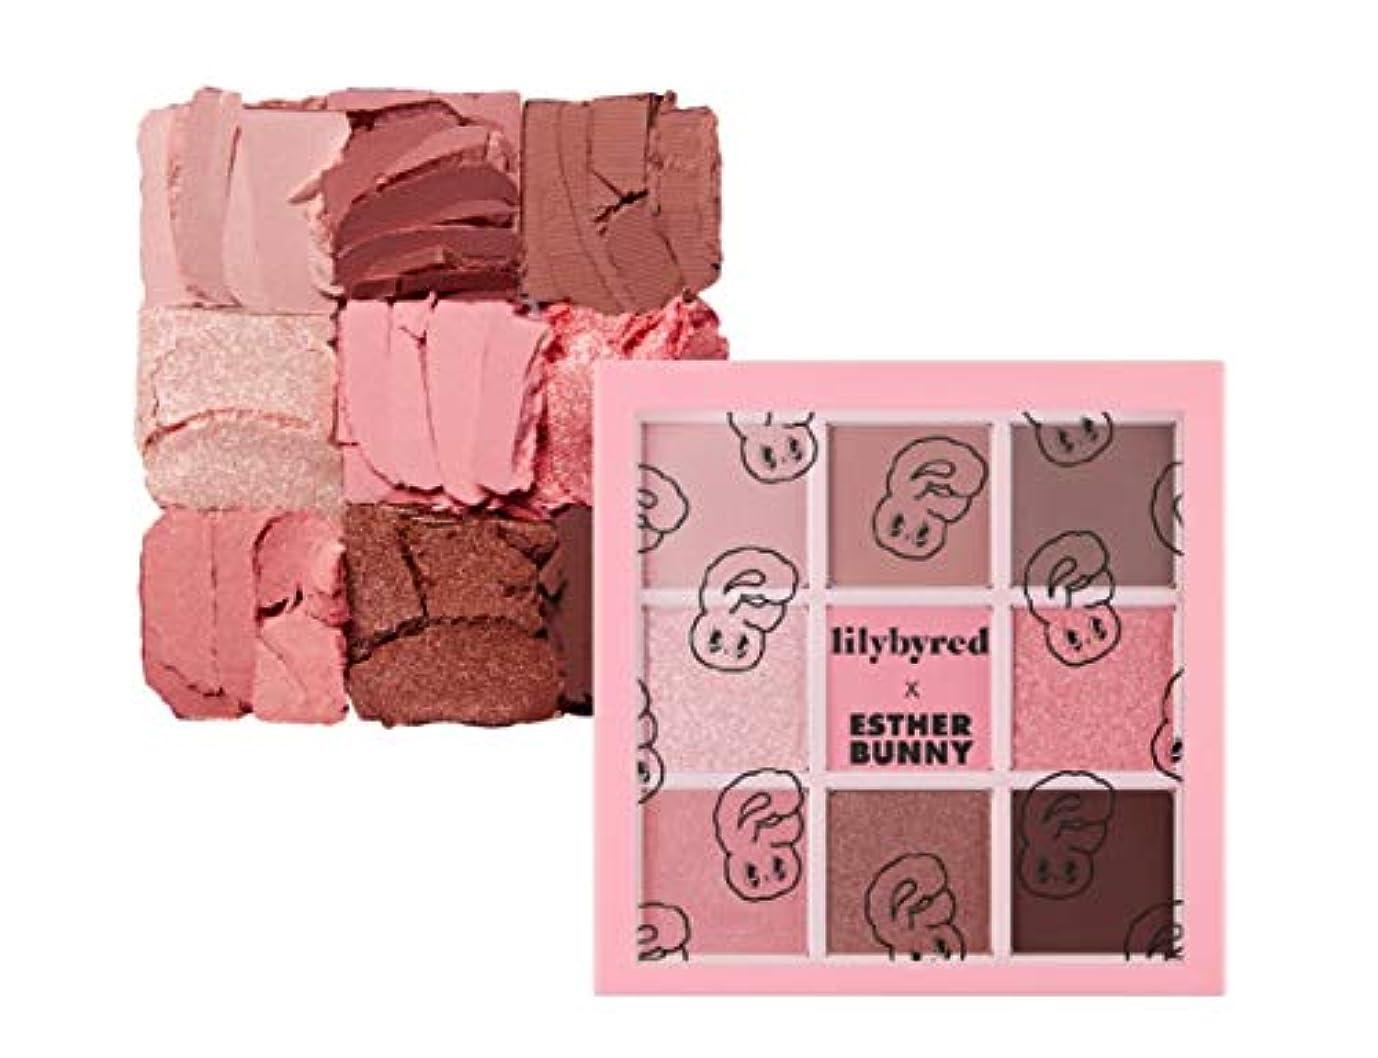 ボタンただ感染するLILYBYRED Mood Cheat Kit Eyeshadow Palette Pink Sweets告発色、高密着、告知の中独歩的な高クオリティアイシャドウパレット9color(並行輸入品)